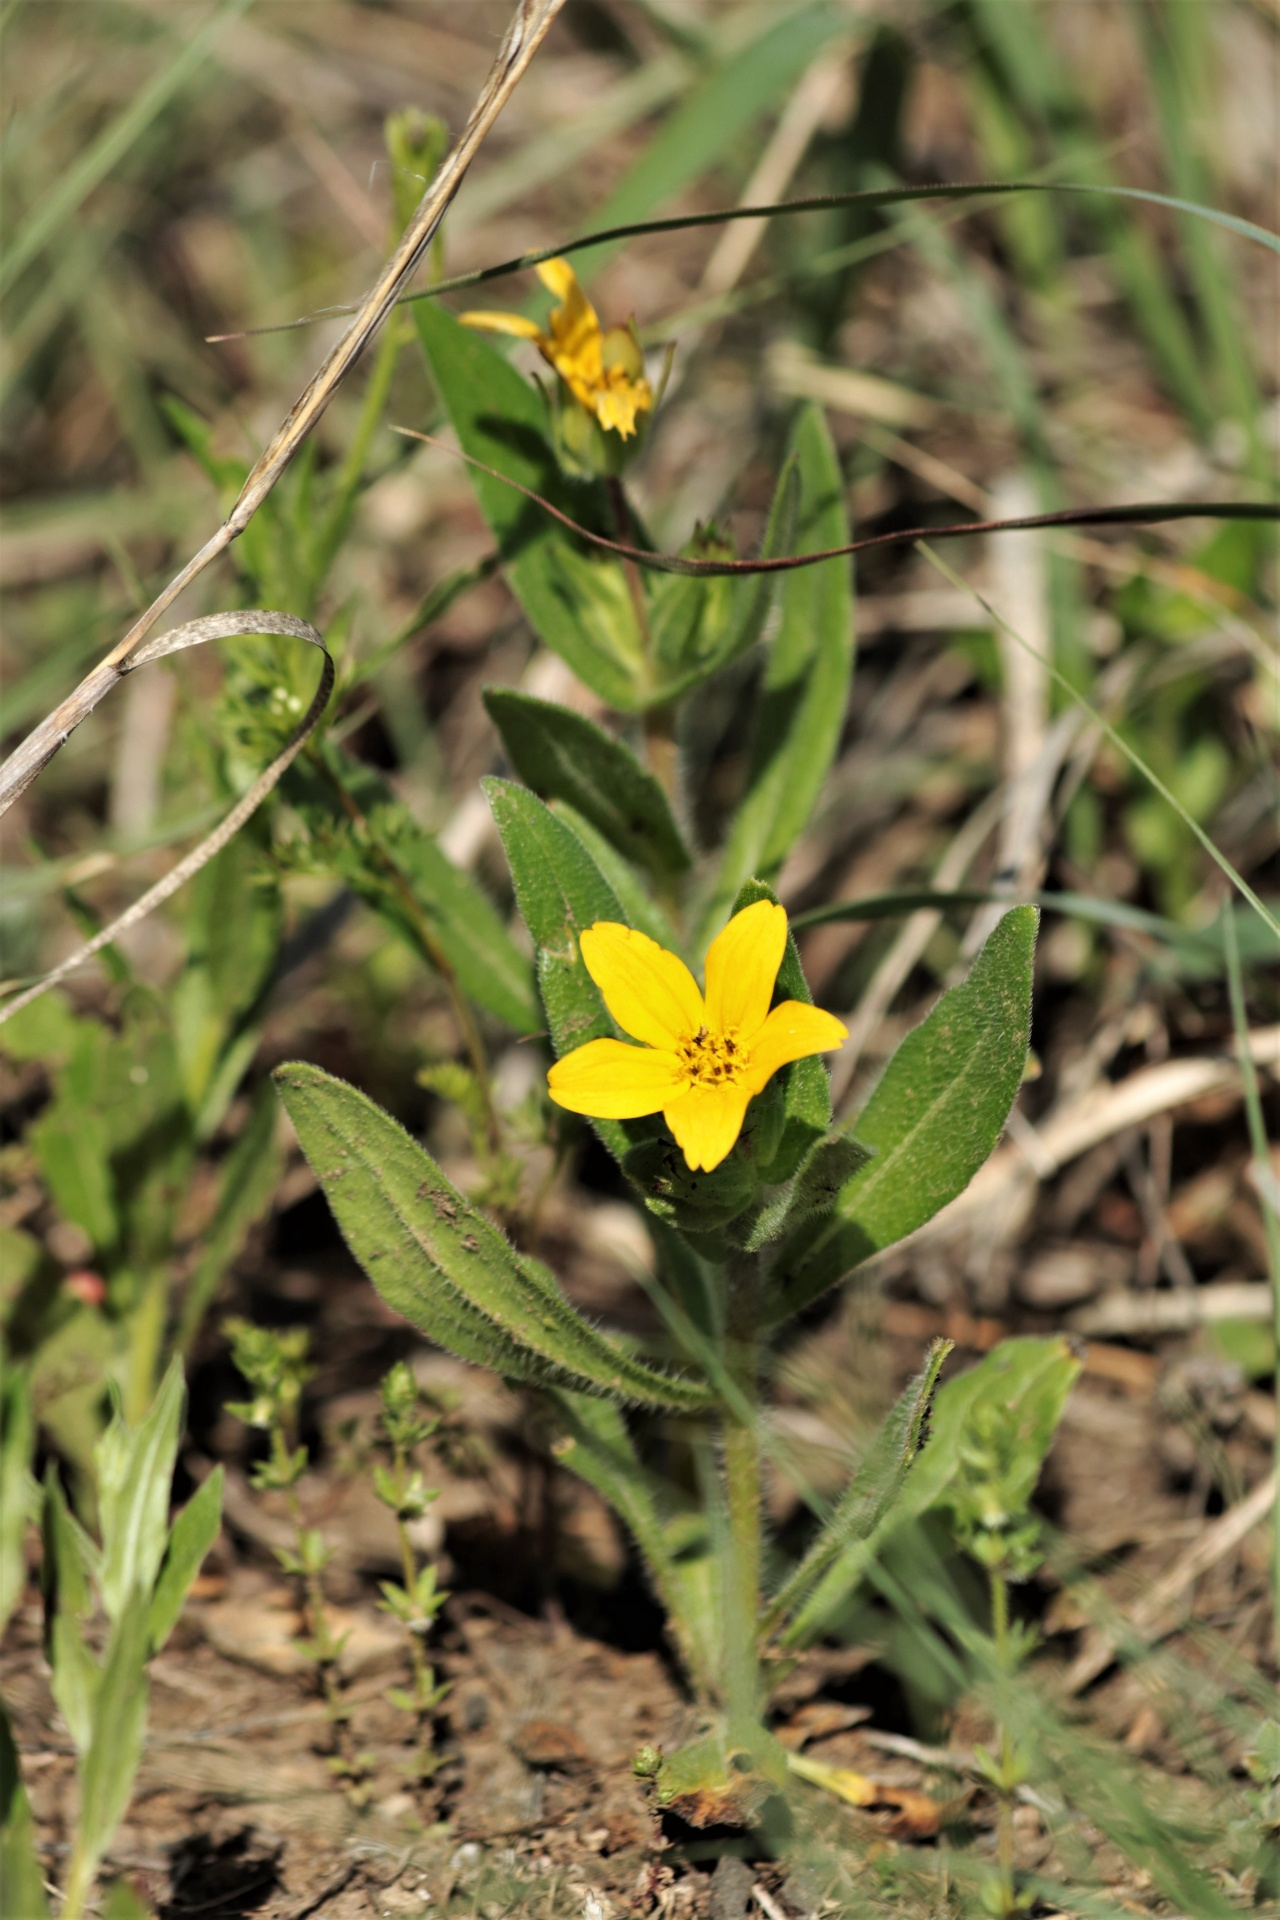 Natureflowersyellownbspflowerswildflowersyellownbsp nature flowers yellowampnbspflowers mightylinksfo